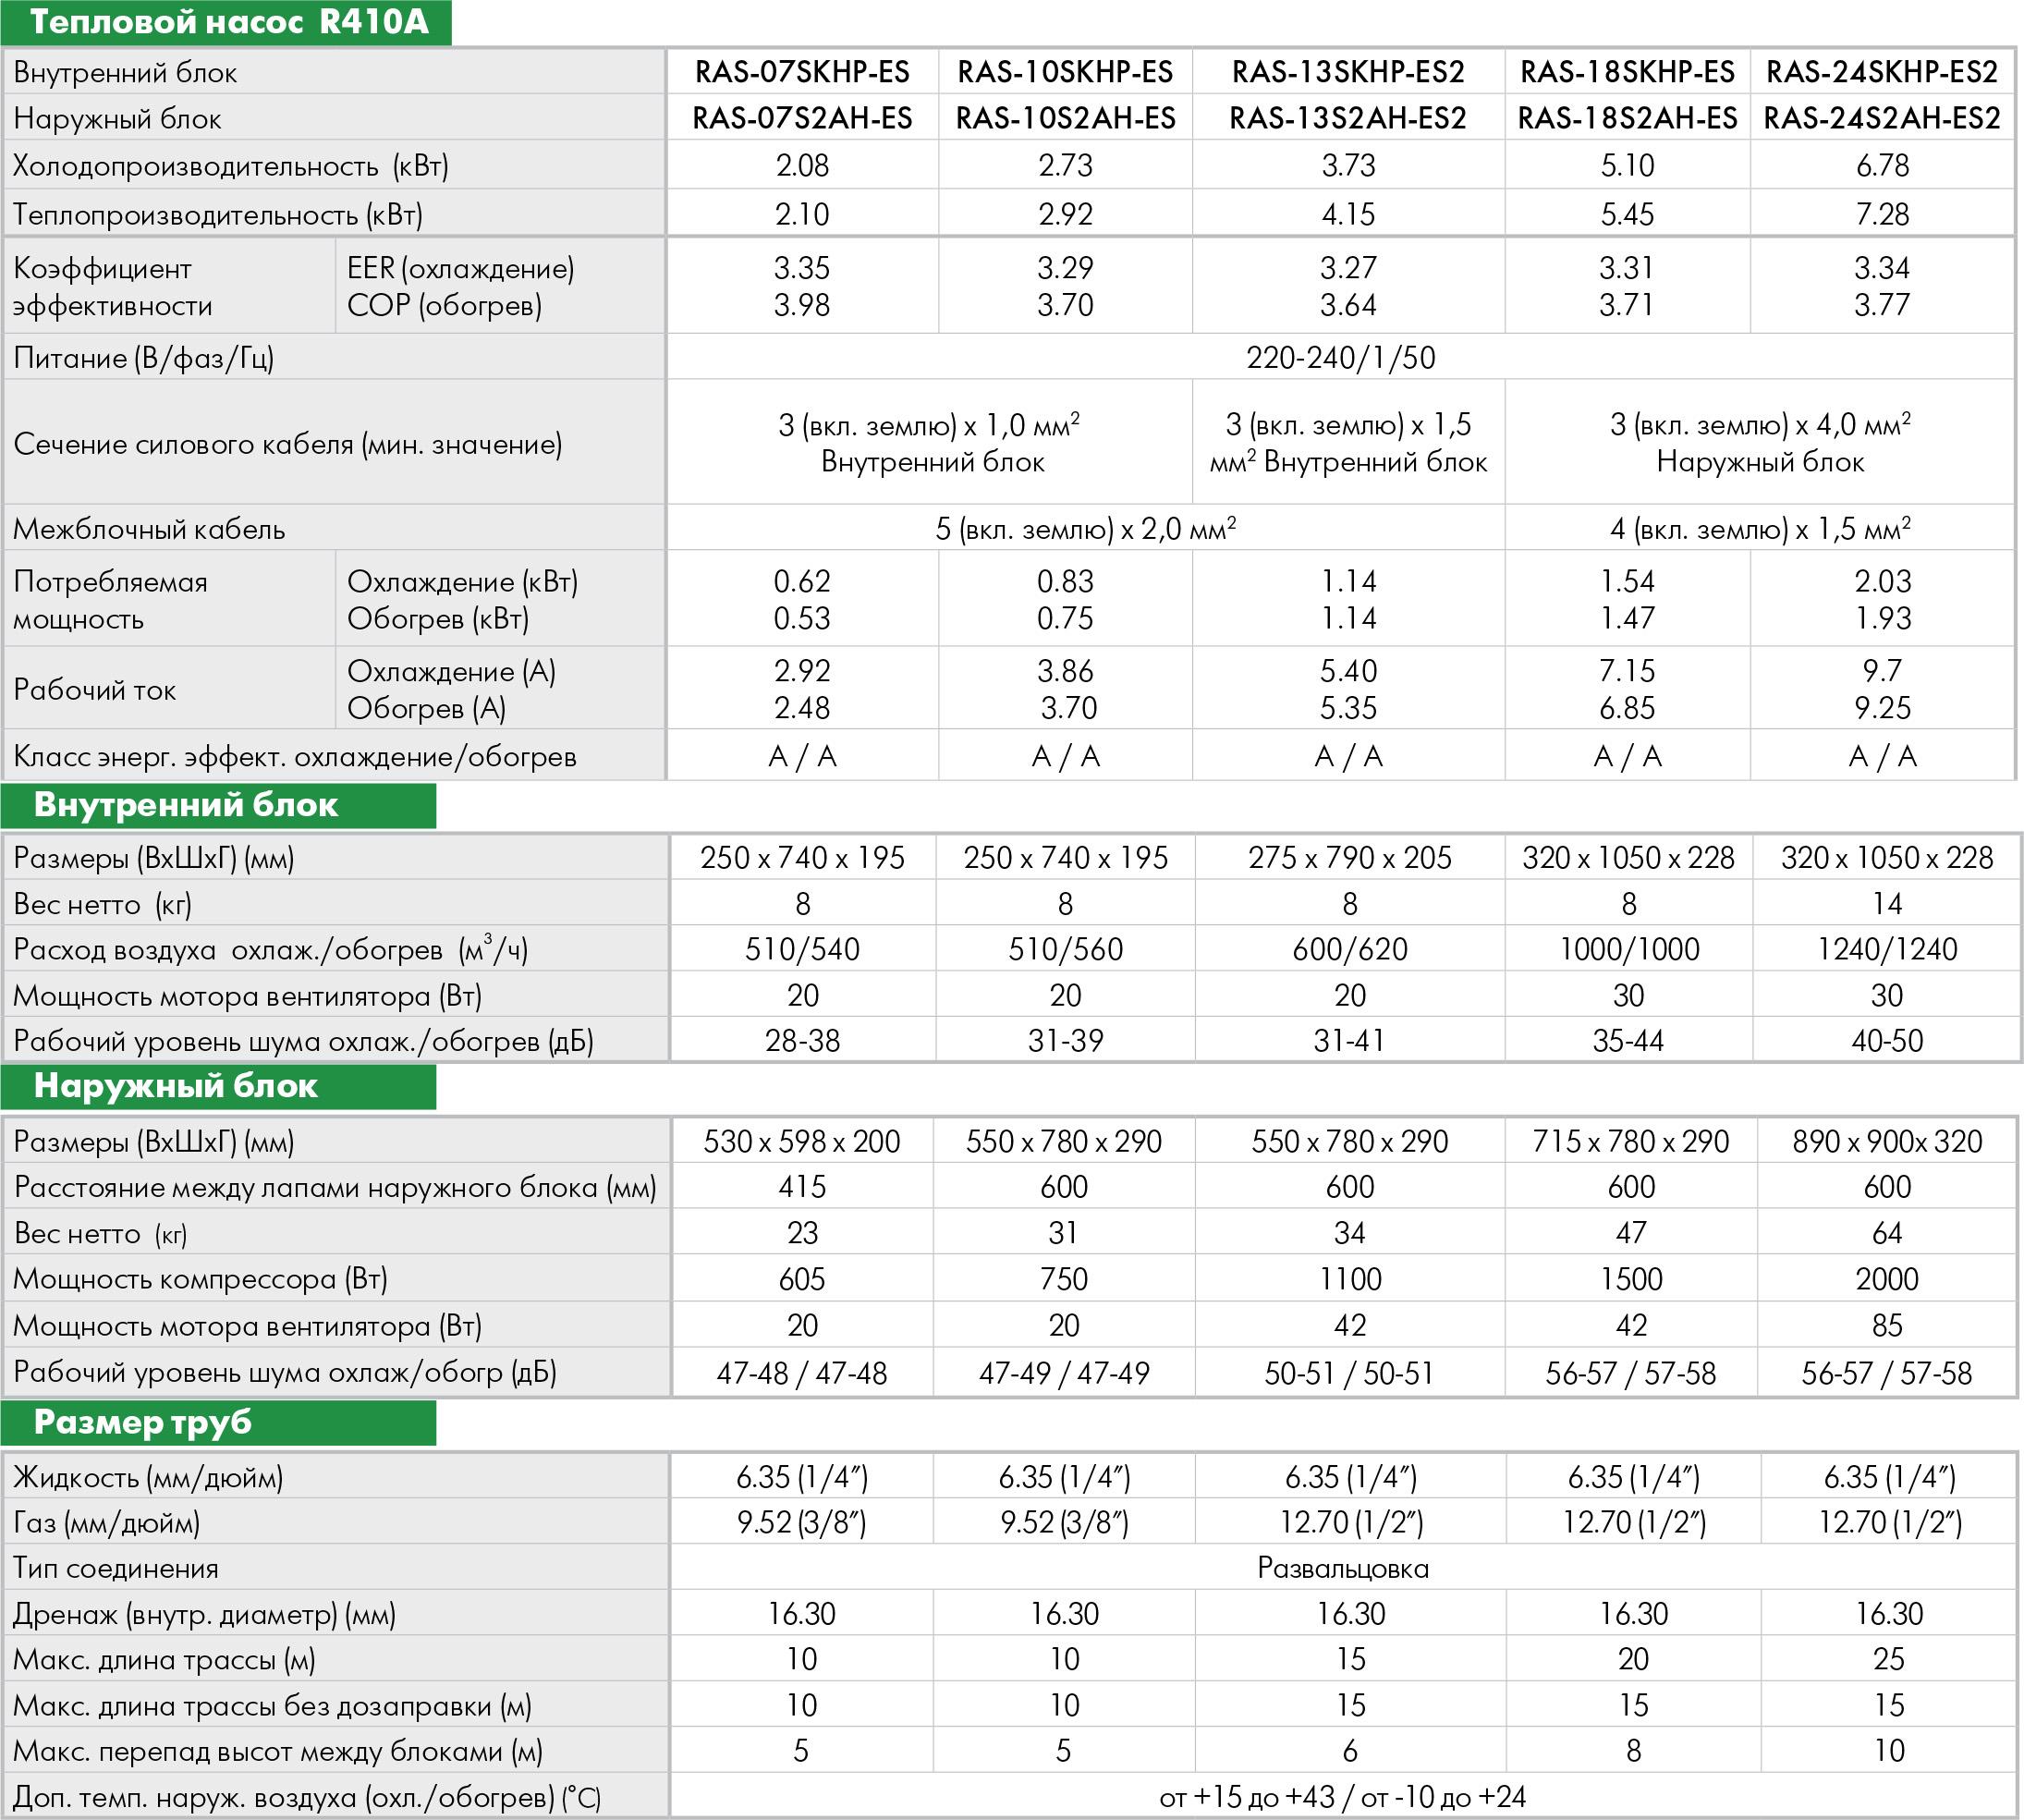 Технические характеристики кондиционера Toshiba RAS-24S3KHS-EE / RAS-24S3AHS-EE серии SKHP